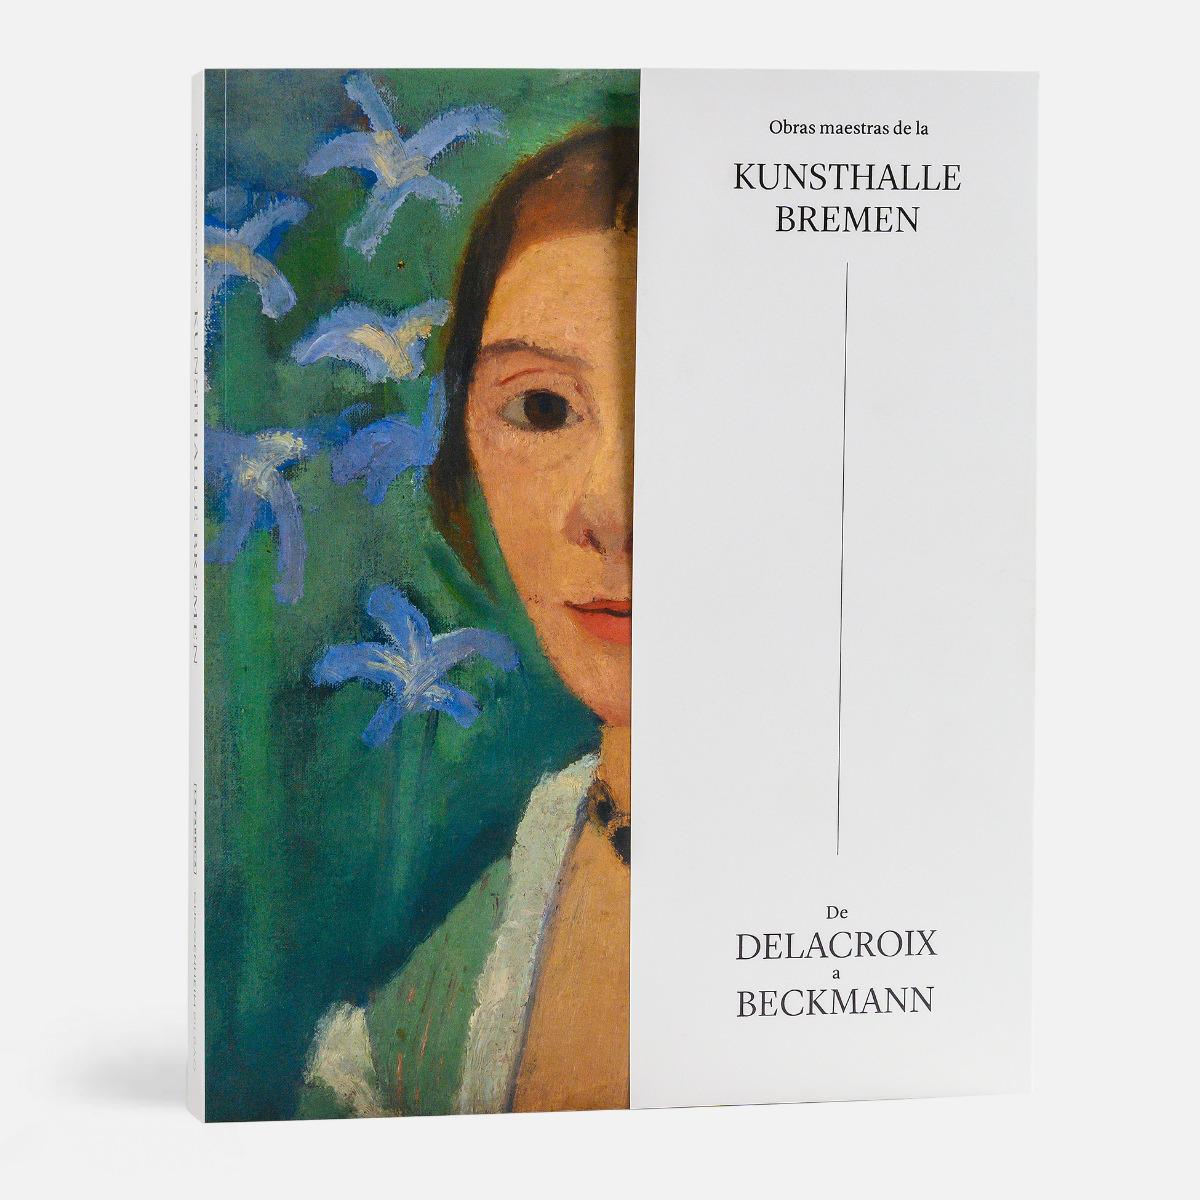 Obras maestras de la Kunsthalle Bremen: de Delacroix a Beckmann